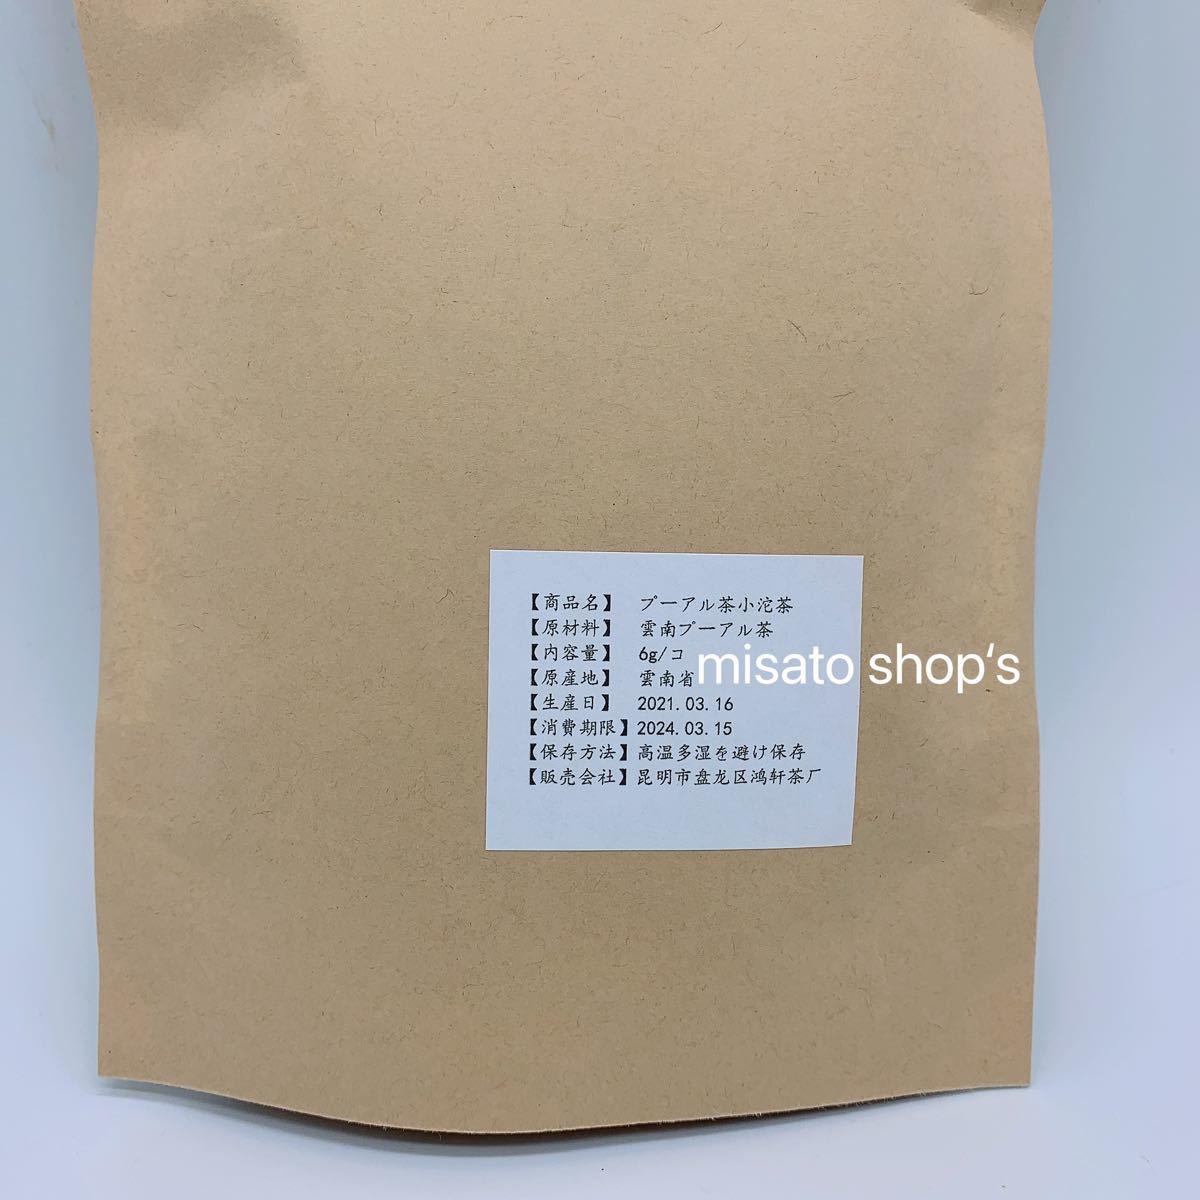 雲南省 プーアル茶 小沱茶 9種類 計50コ